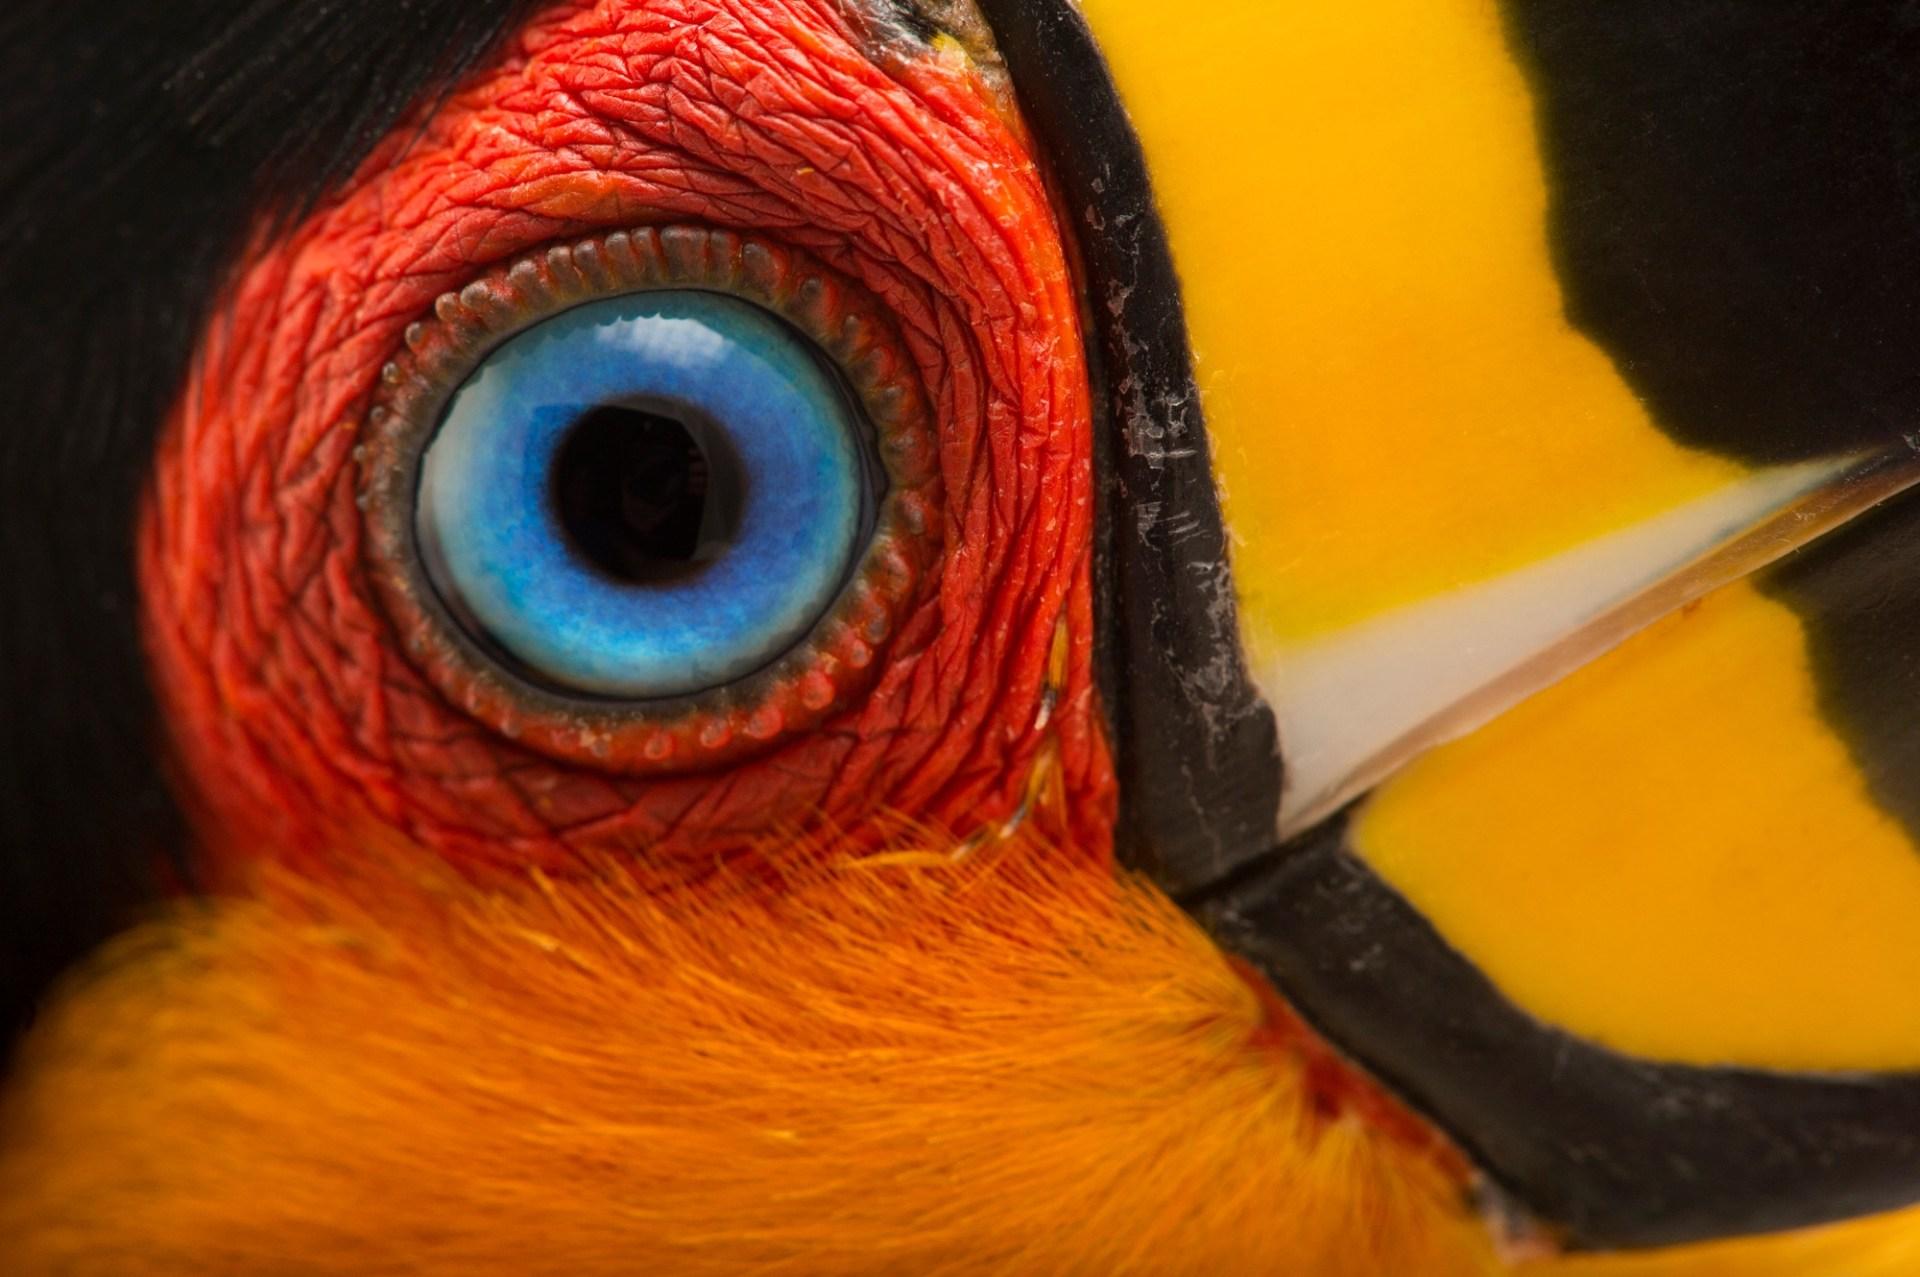 An ariel toucan (Ramphastos ariel) at the Dallas World Aquarium.